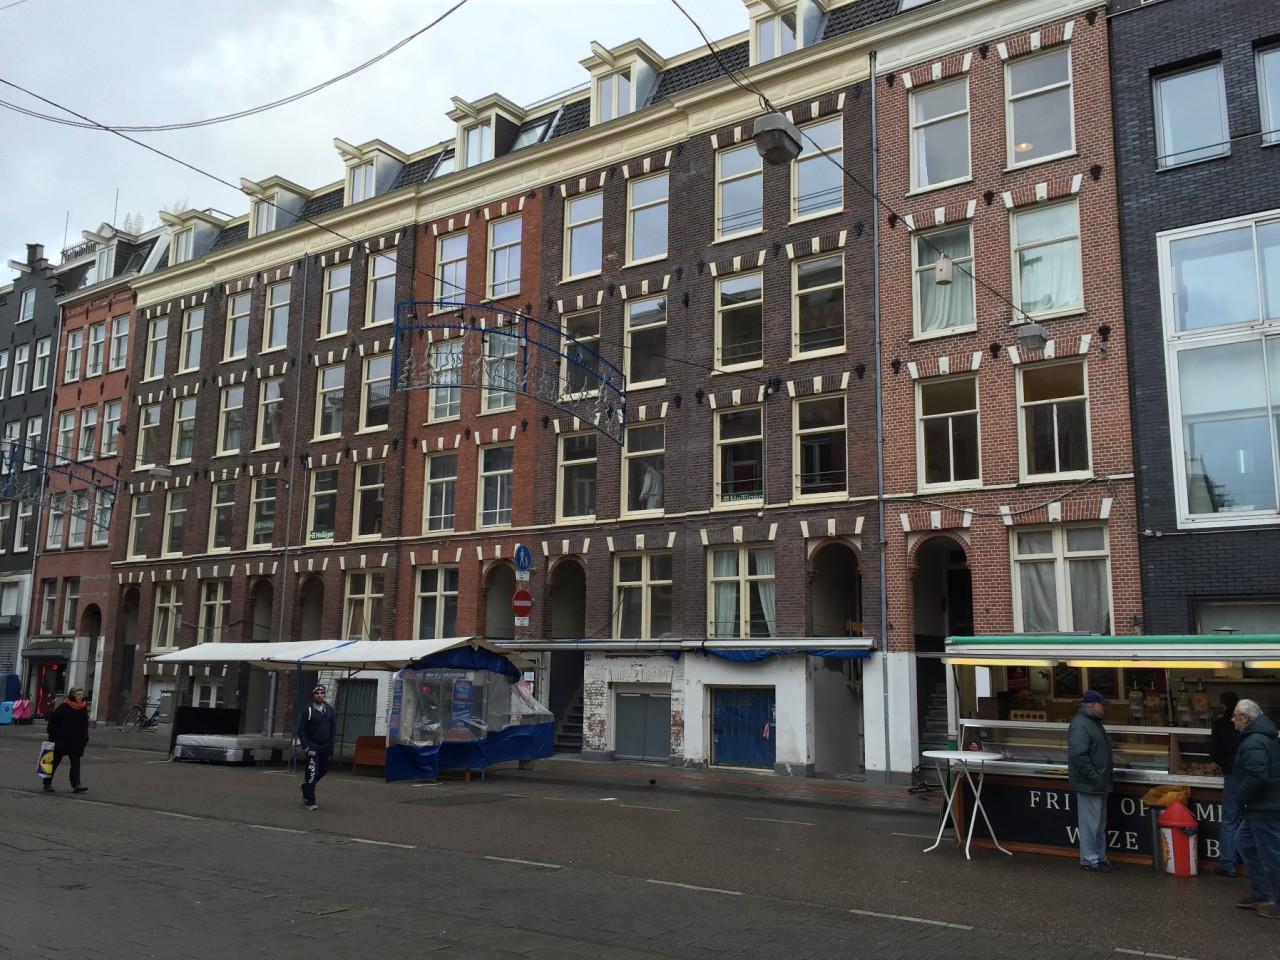 Heilijgers Rochedale Ten Katestraat Amsterdam